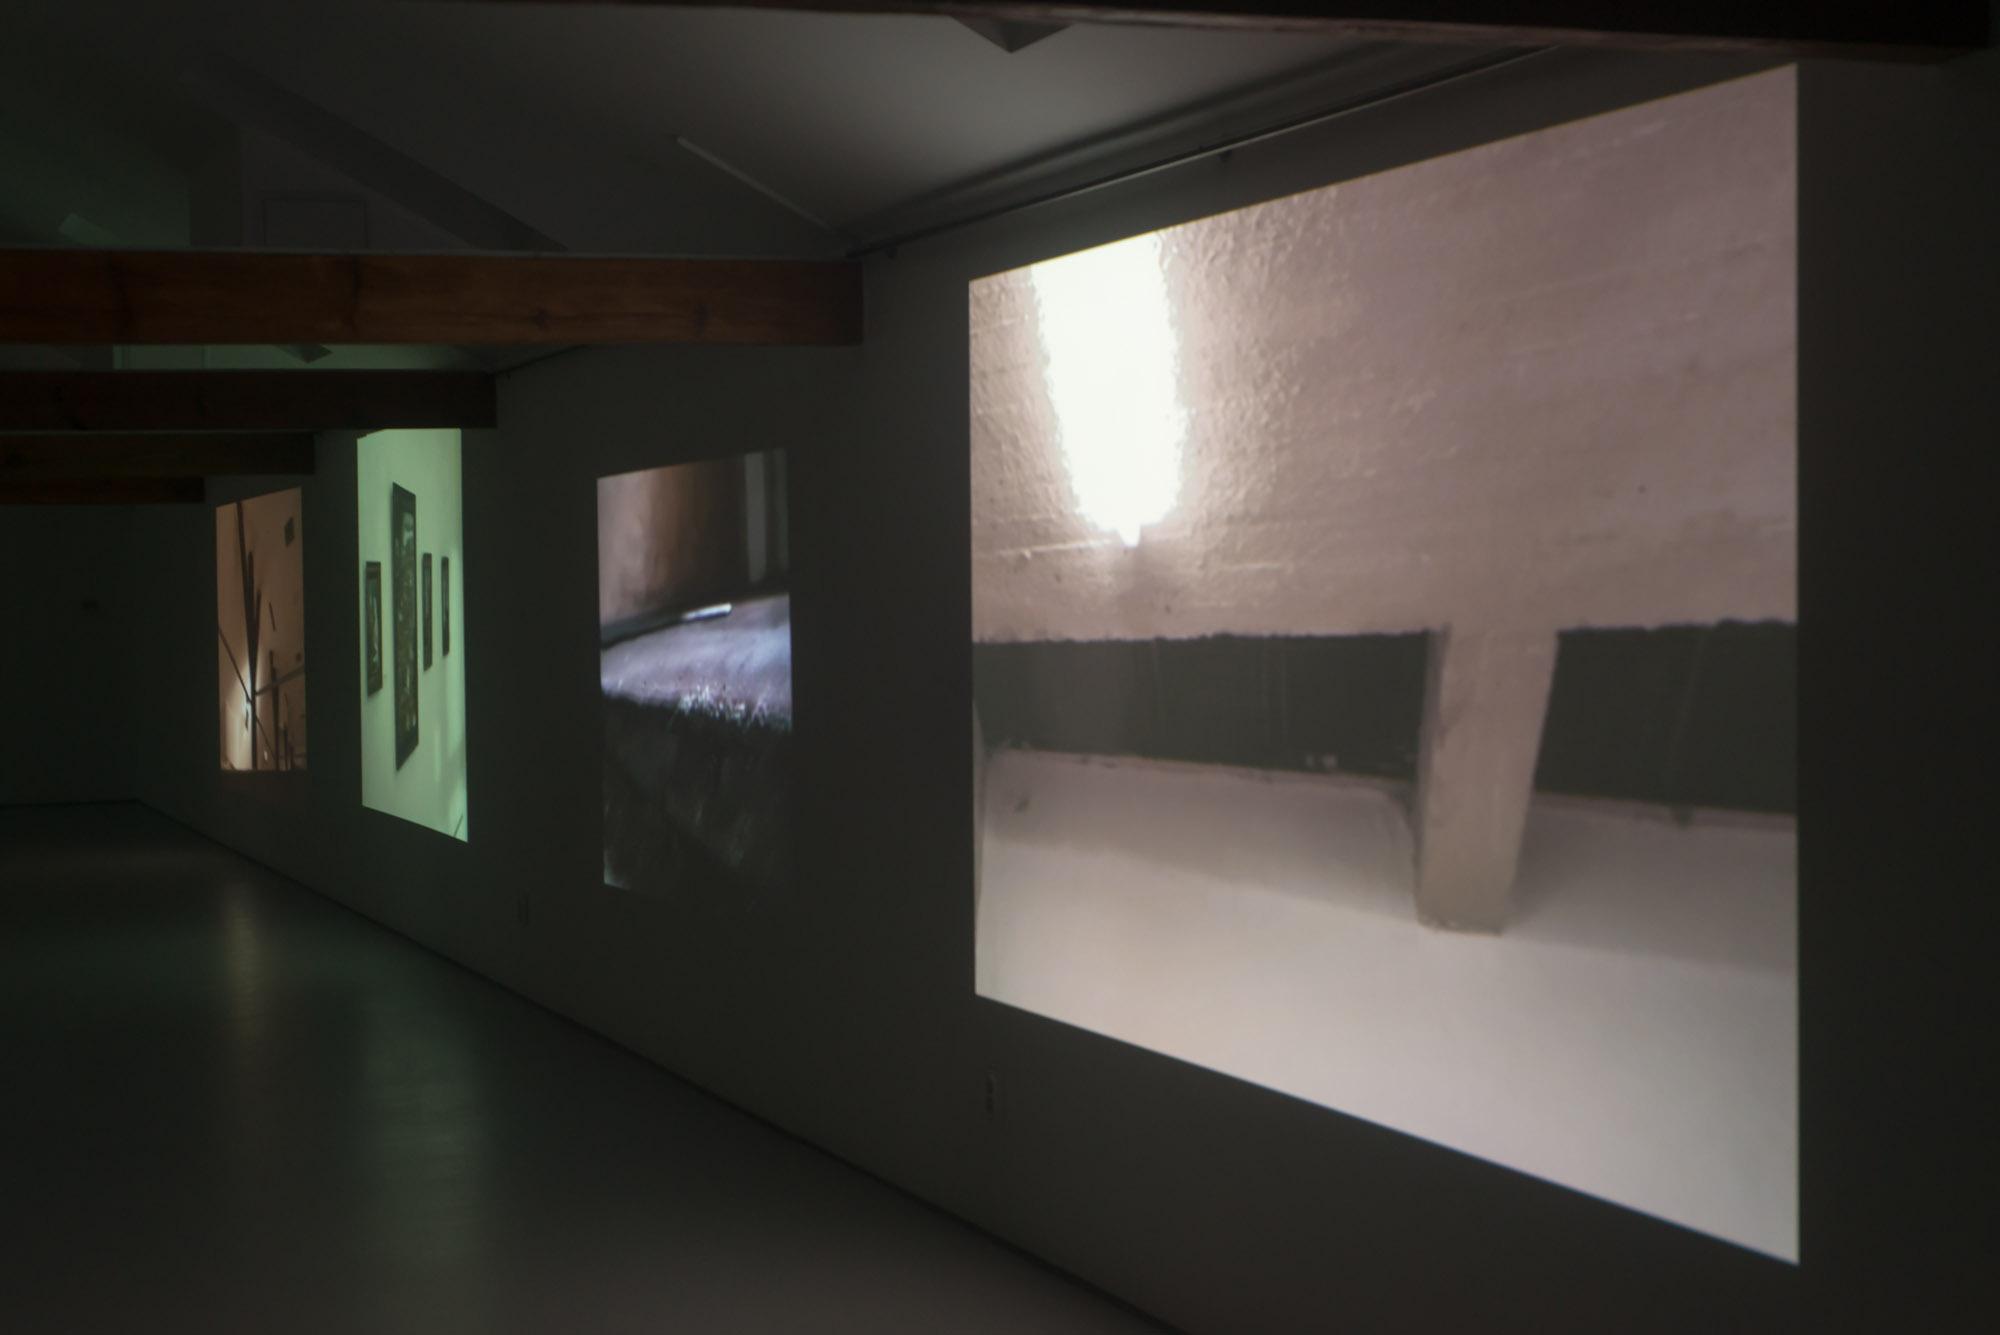 Gatunki przestrzeni, widok wystawy